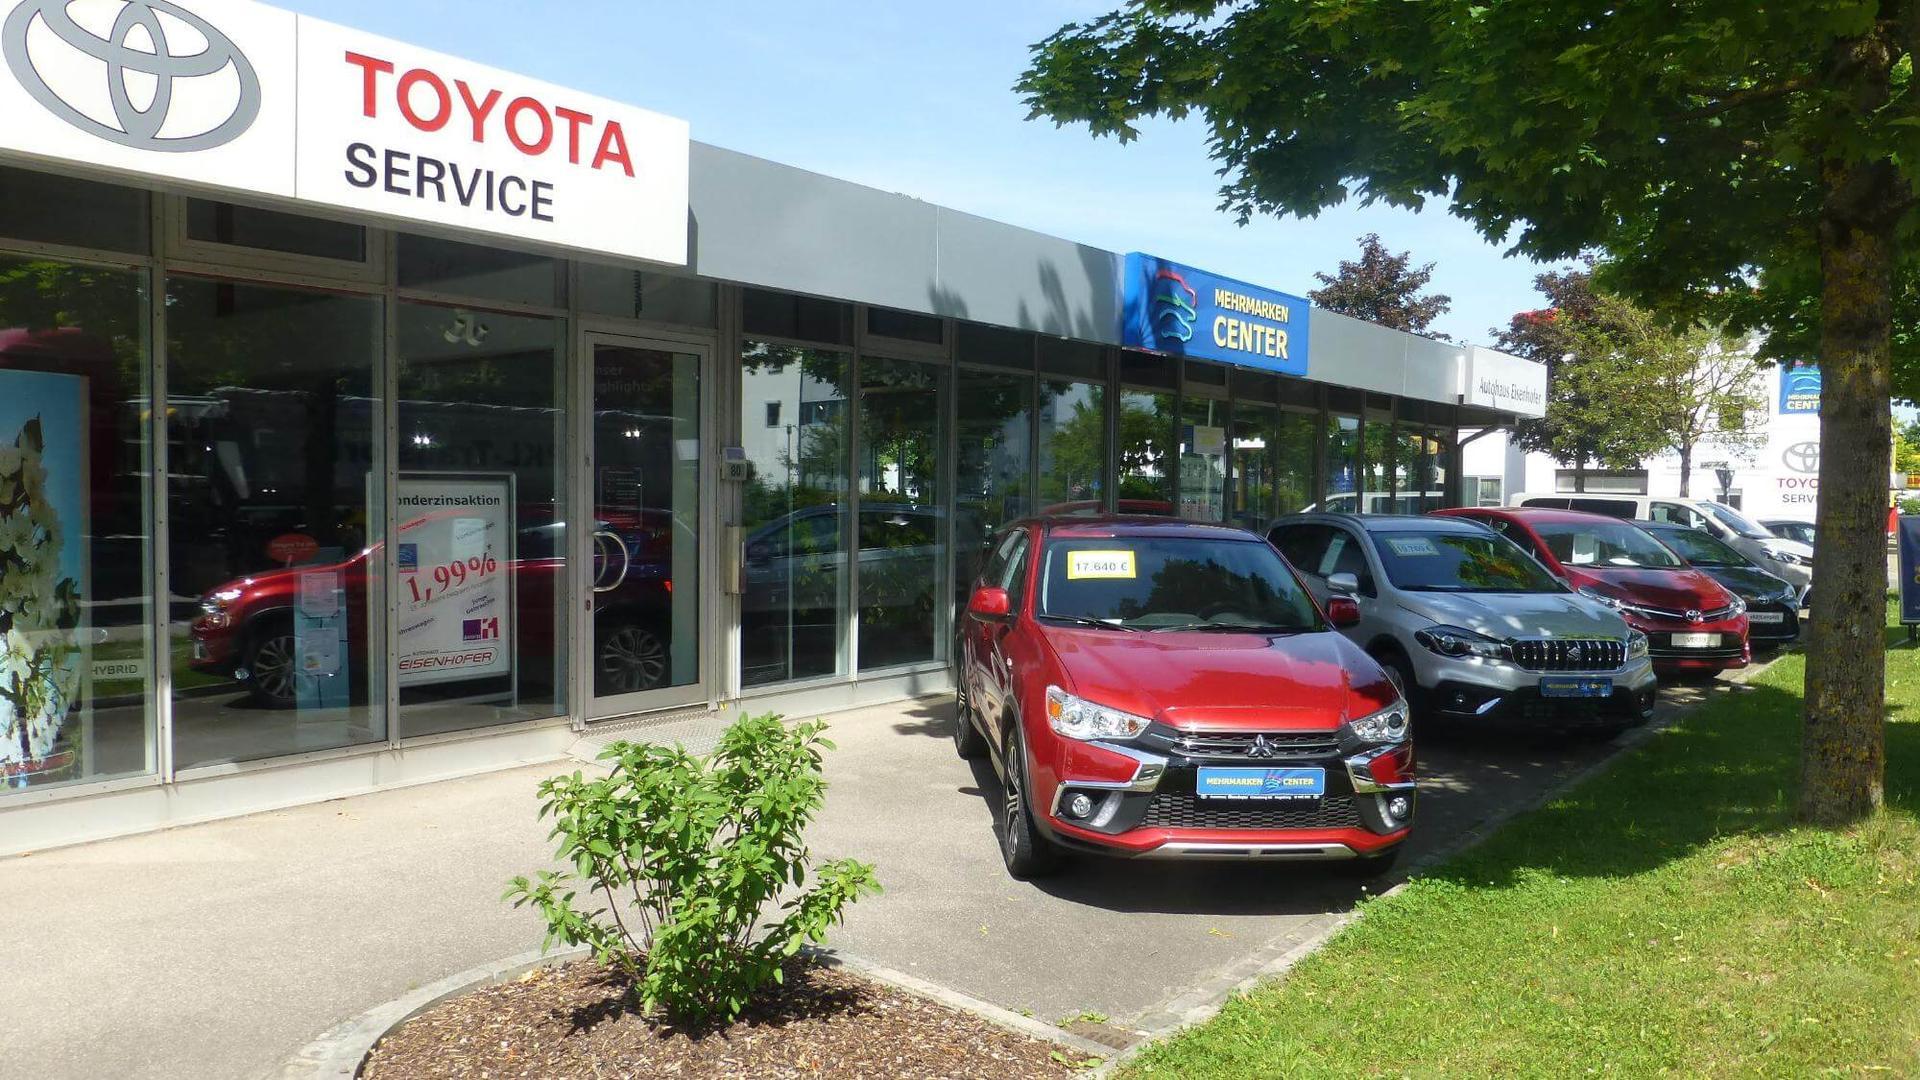 MEHRMARKEN CENTER und Toyota Servicepartner. Autohaus Eisenhofer in Augsburg  mit über 100-jähriger Tradition.